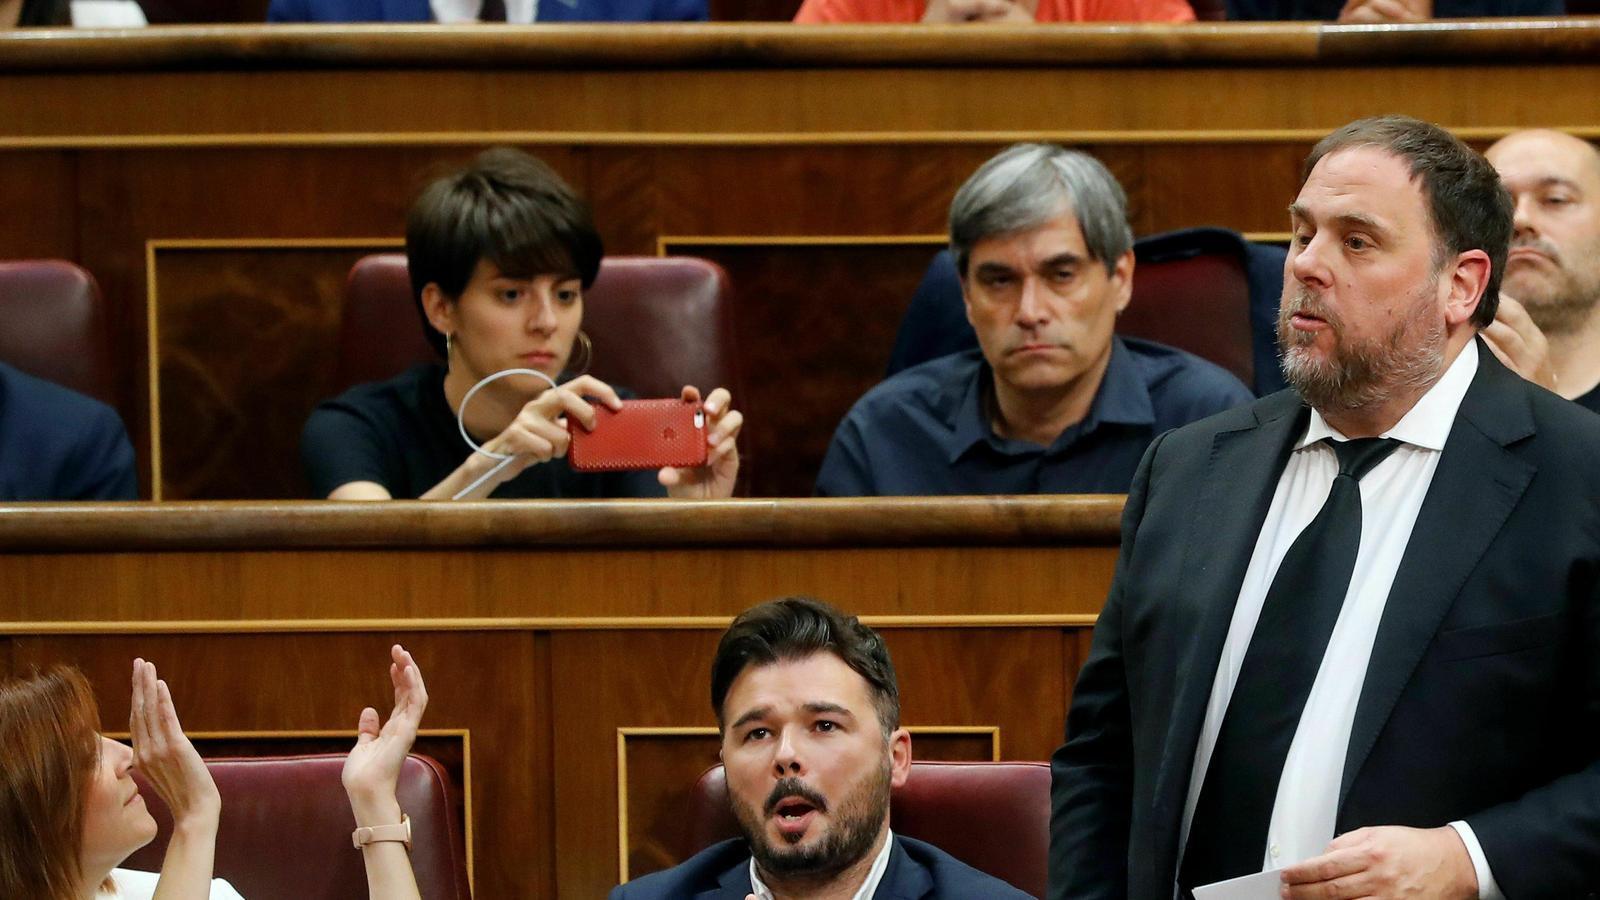 El Suprem impedeix que Junqueras surti de la presó per prometre la Constitució i ser eurodiputat